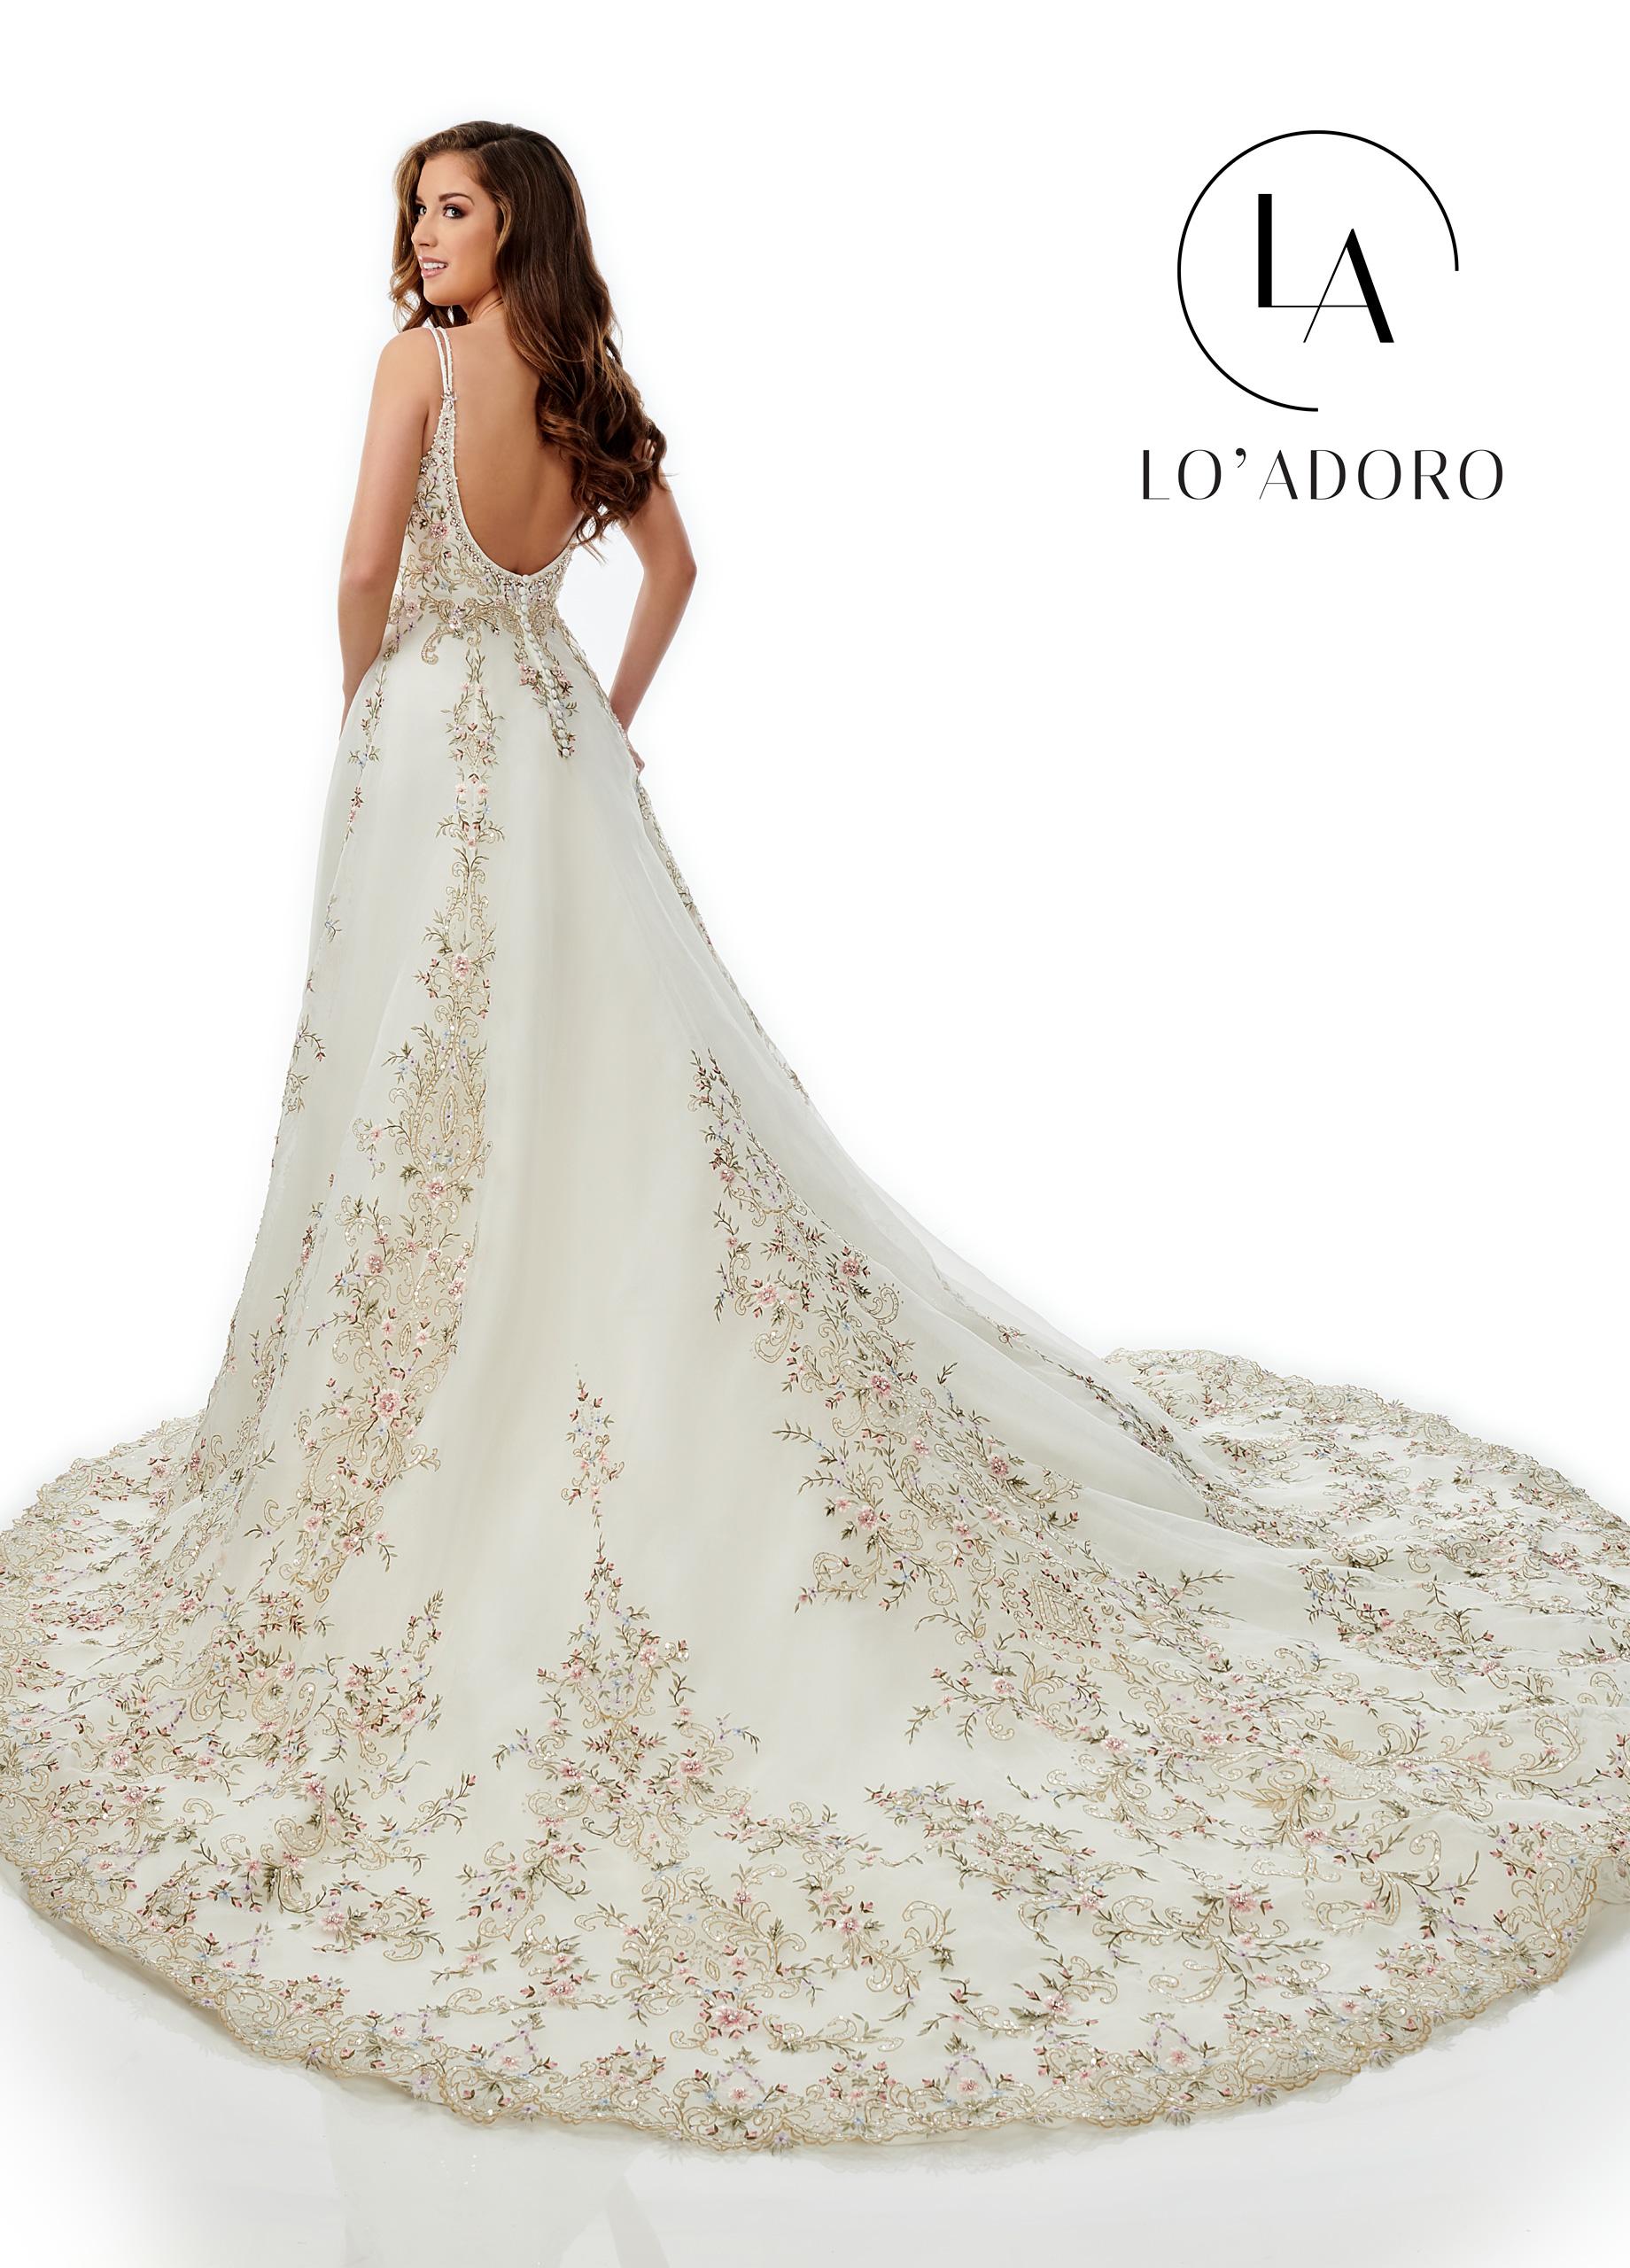 Lo Adoro Bridal Dresses | Lo' Adoro | Style - M744